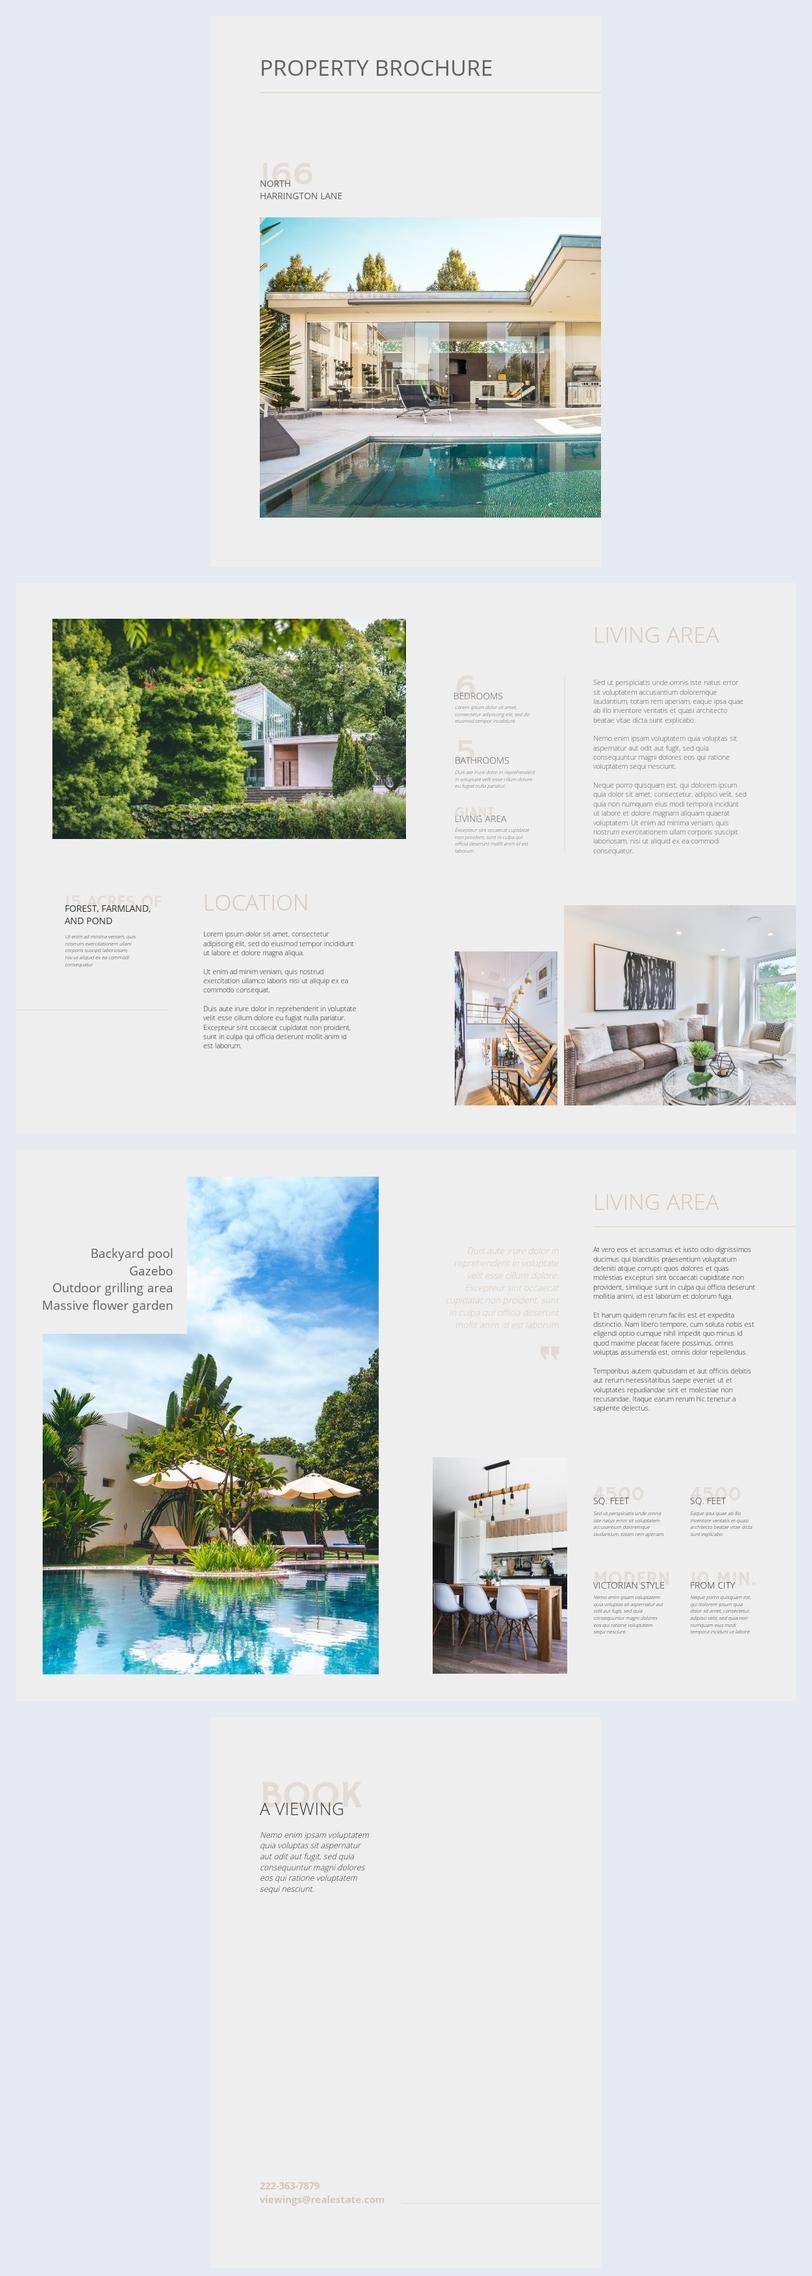 Exemplo de Brochura de Imóveis Personalizável